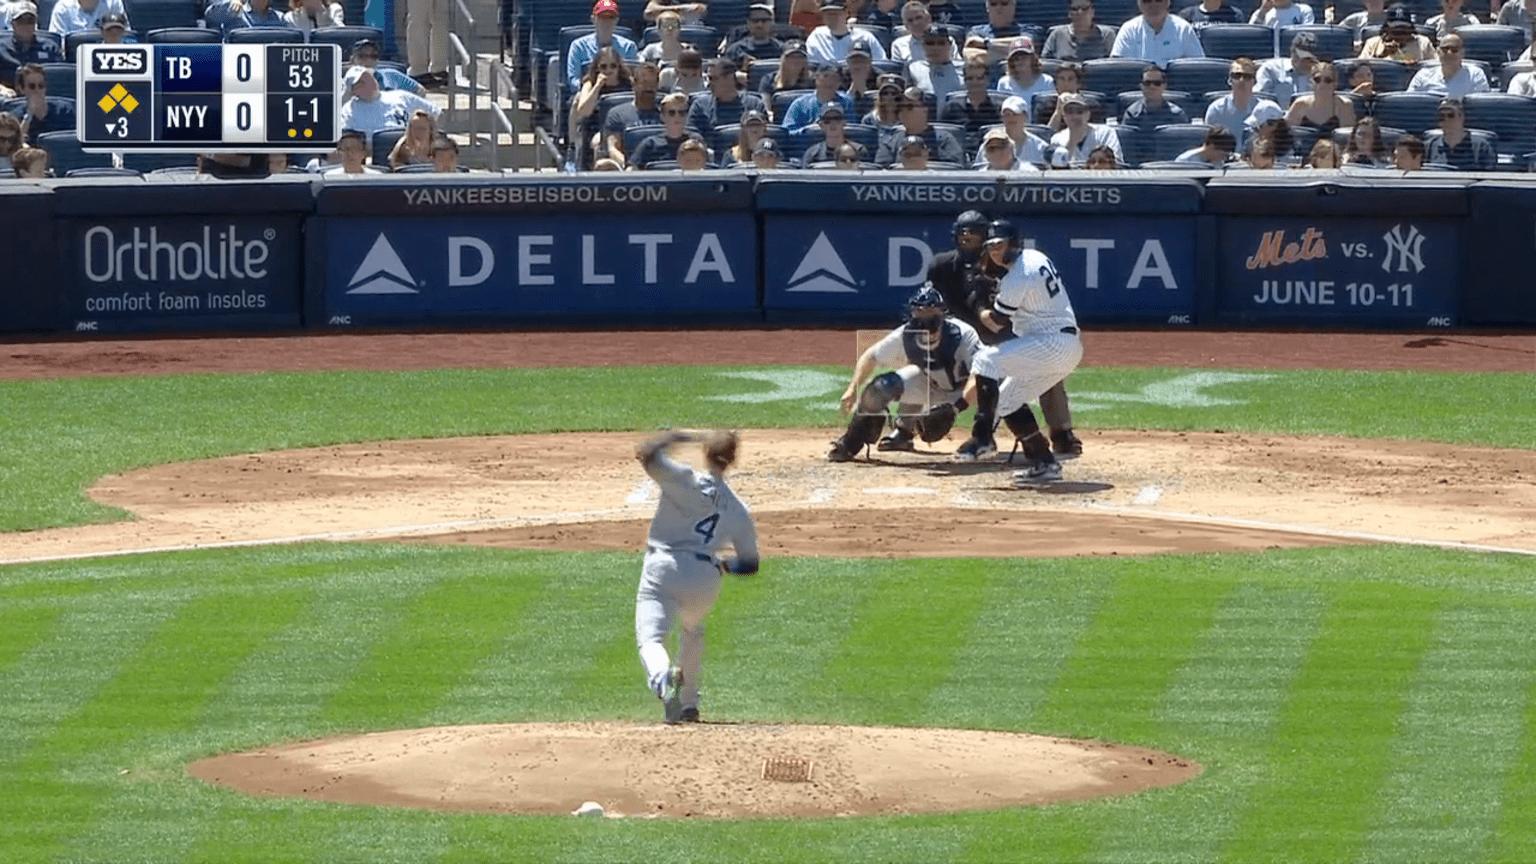 Gardner scores on wild pitch | 05/18/2019